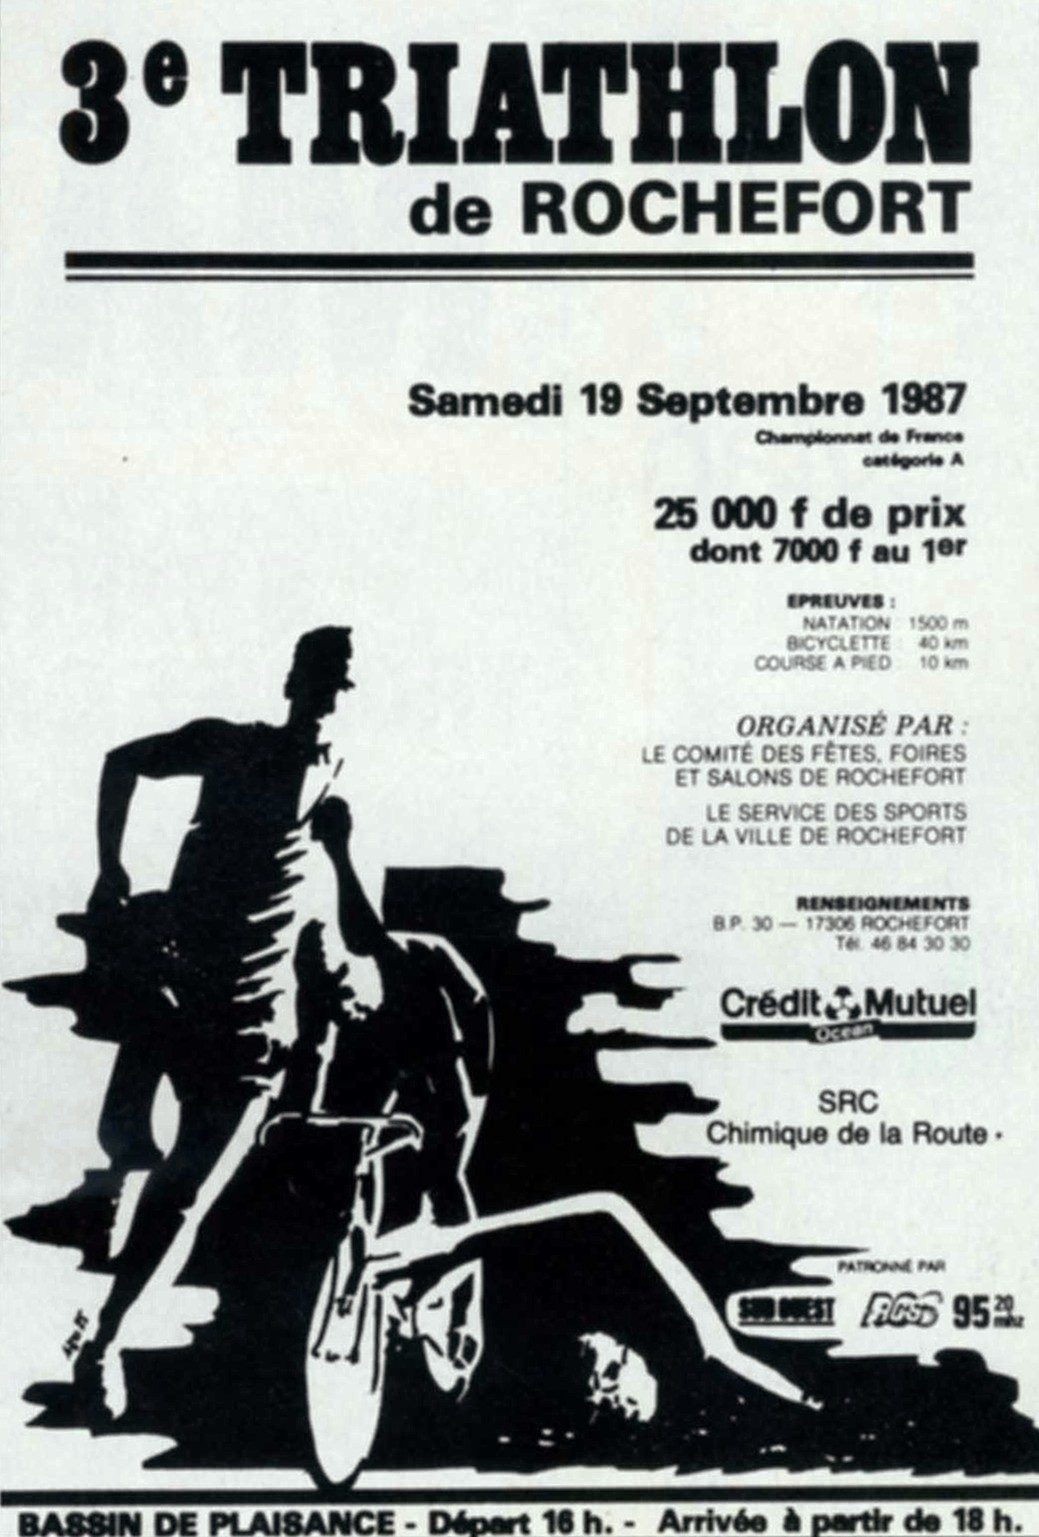 img[A]117_19-09-1987_rochefort_pub